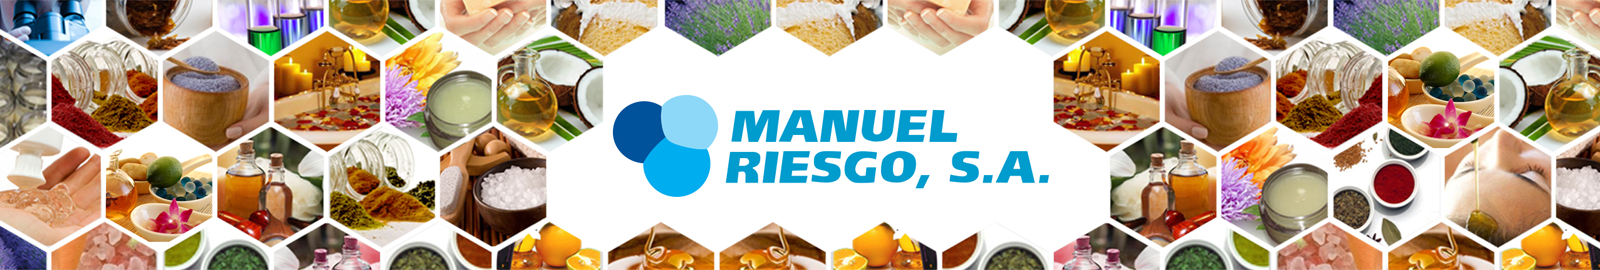 Manuel Riesgo S.A.